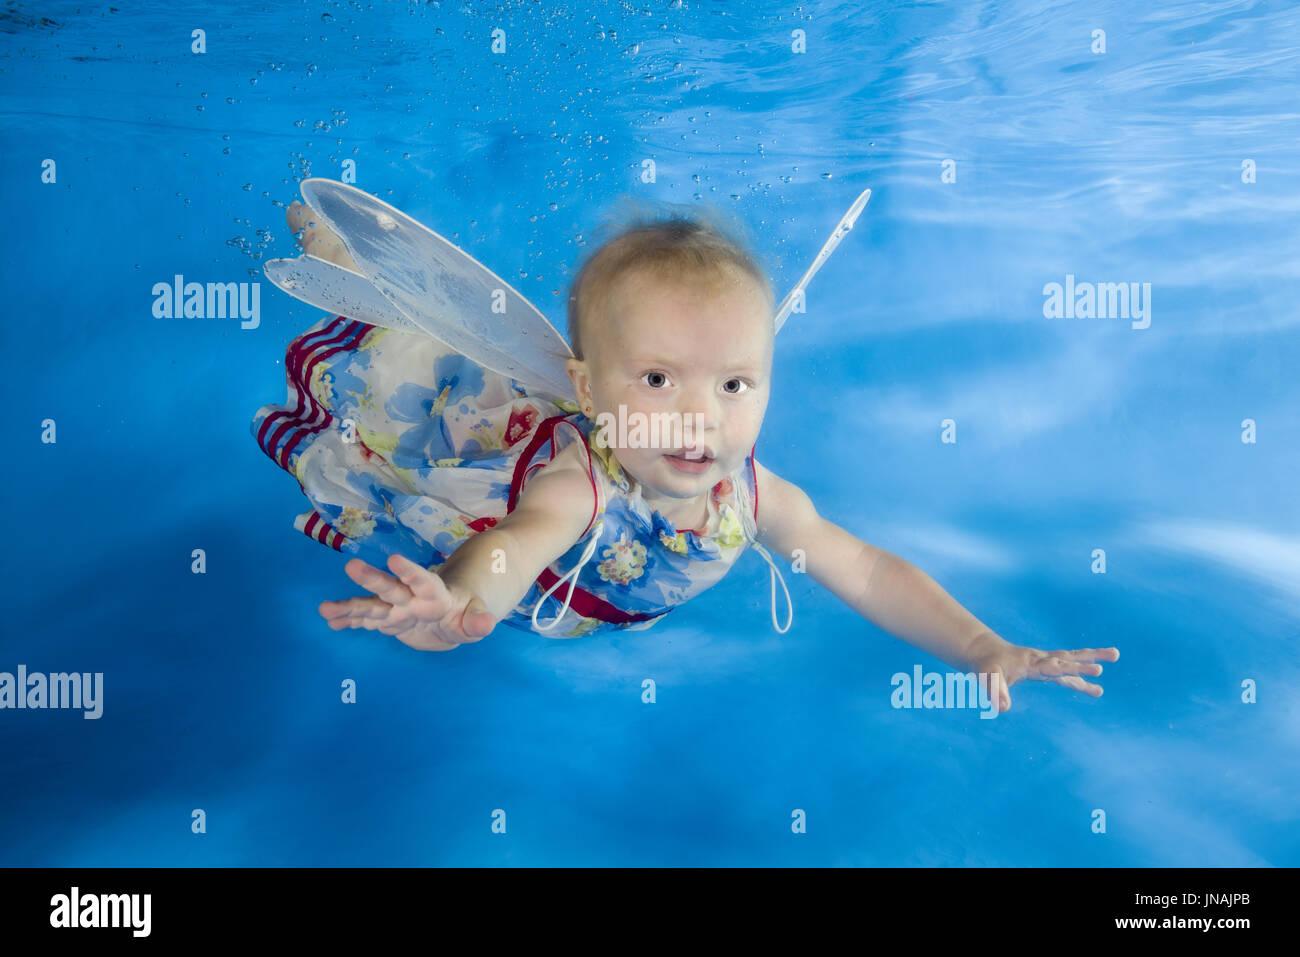 M dchen fickt im wasser - Pool flicken ohne flickzeug ...